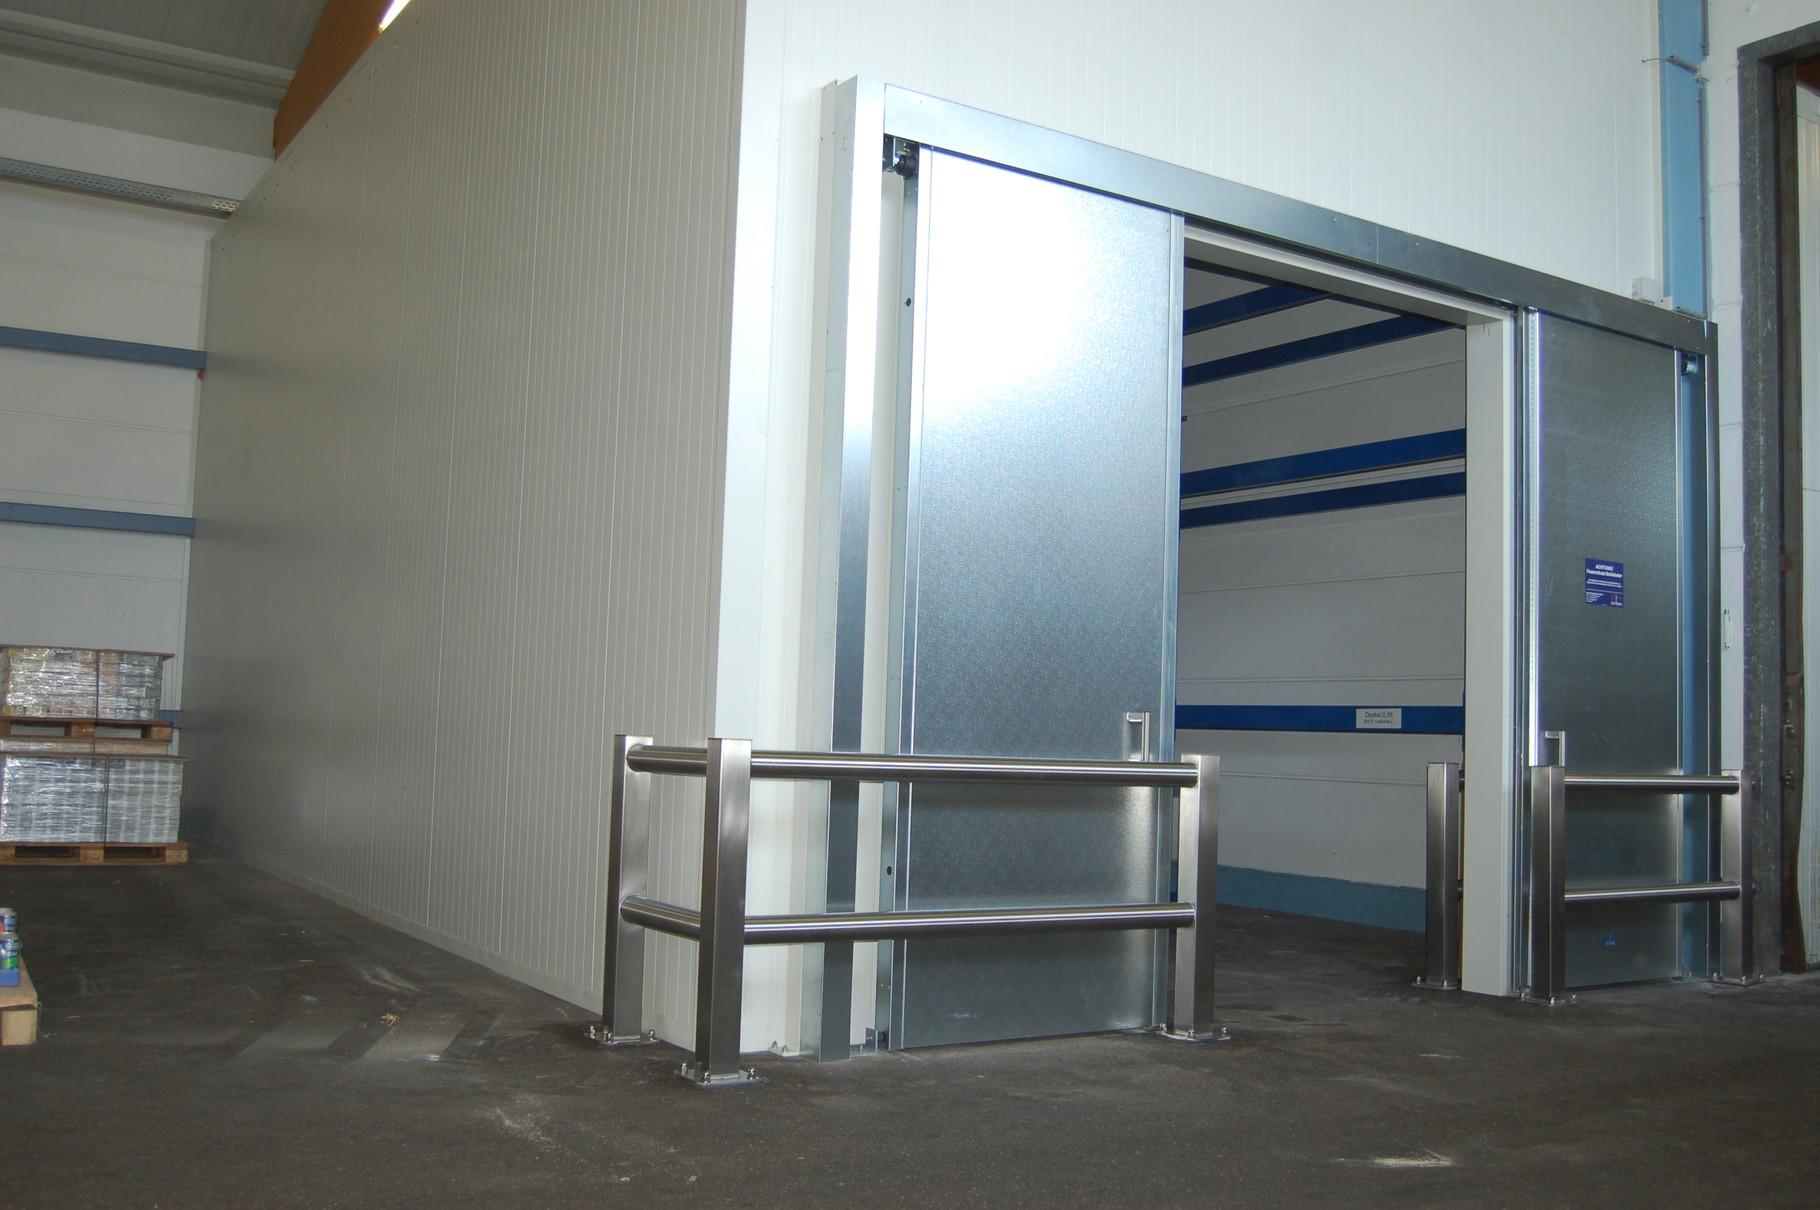 Lagerraum für brennbare Materialien, Brandschutzverkleidung RI.90, Anfahrschutz der Brandschutzelemente durch geschliffenes Niromaterial